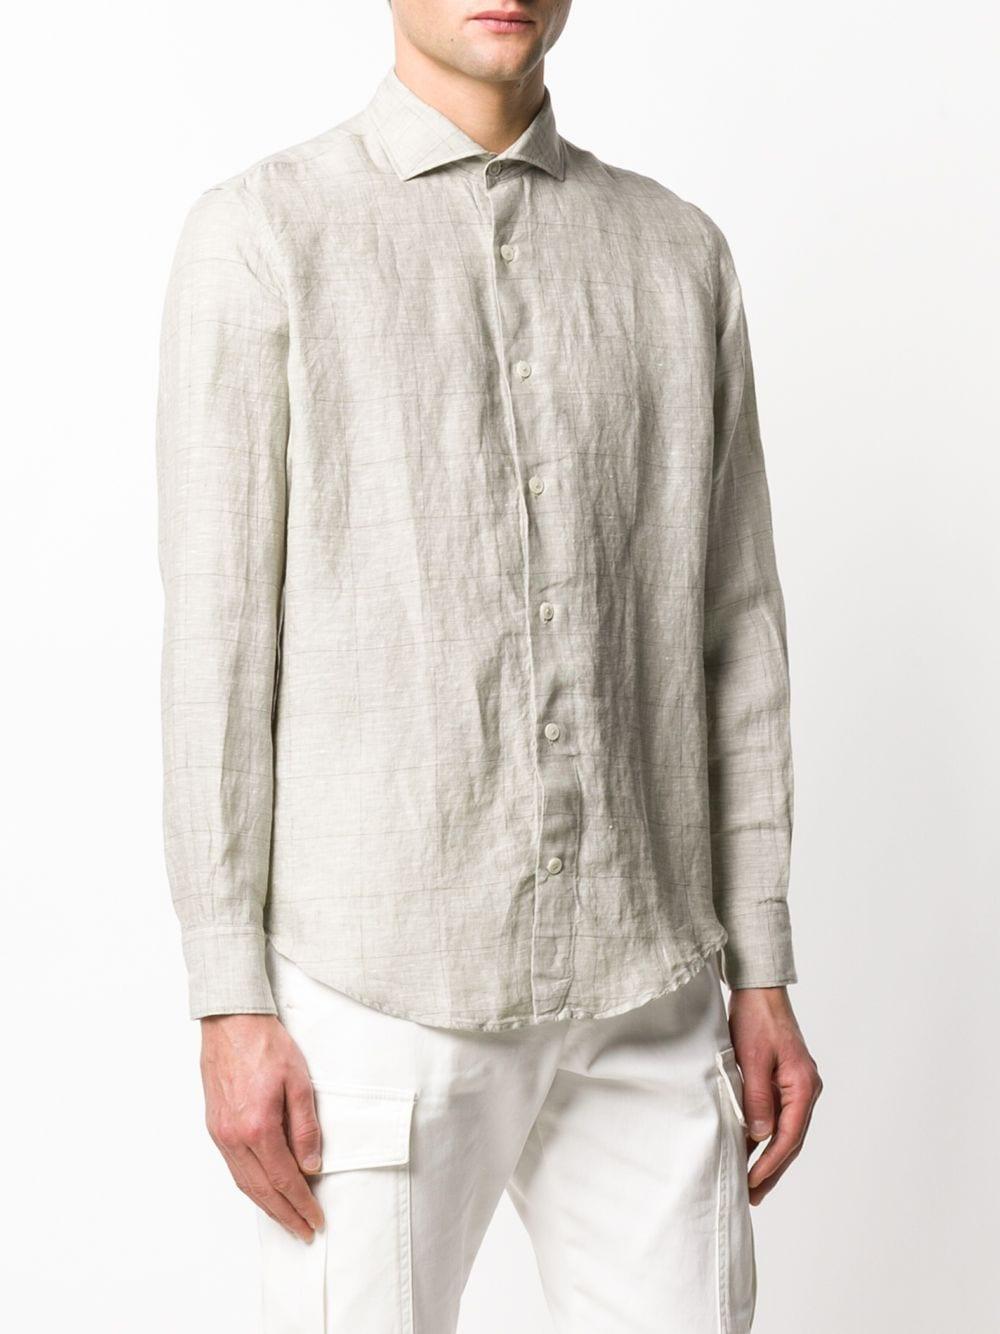 Camicia a quadri a maniche lunghe in lino beige ostrica con motivo a quadri ELEVENTY | Camicie | A75CAMA05-TES0A01402